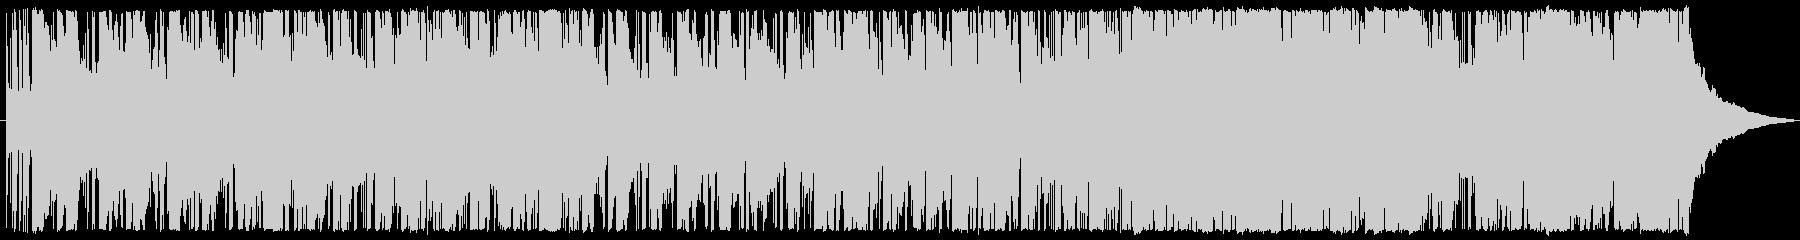 ポップ ロック カントリー アクテ...の未再生の波形